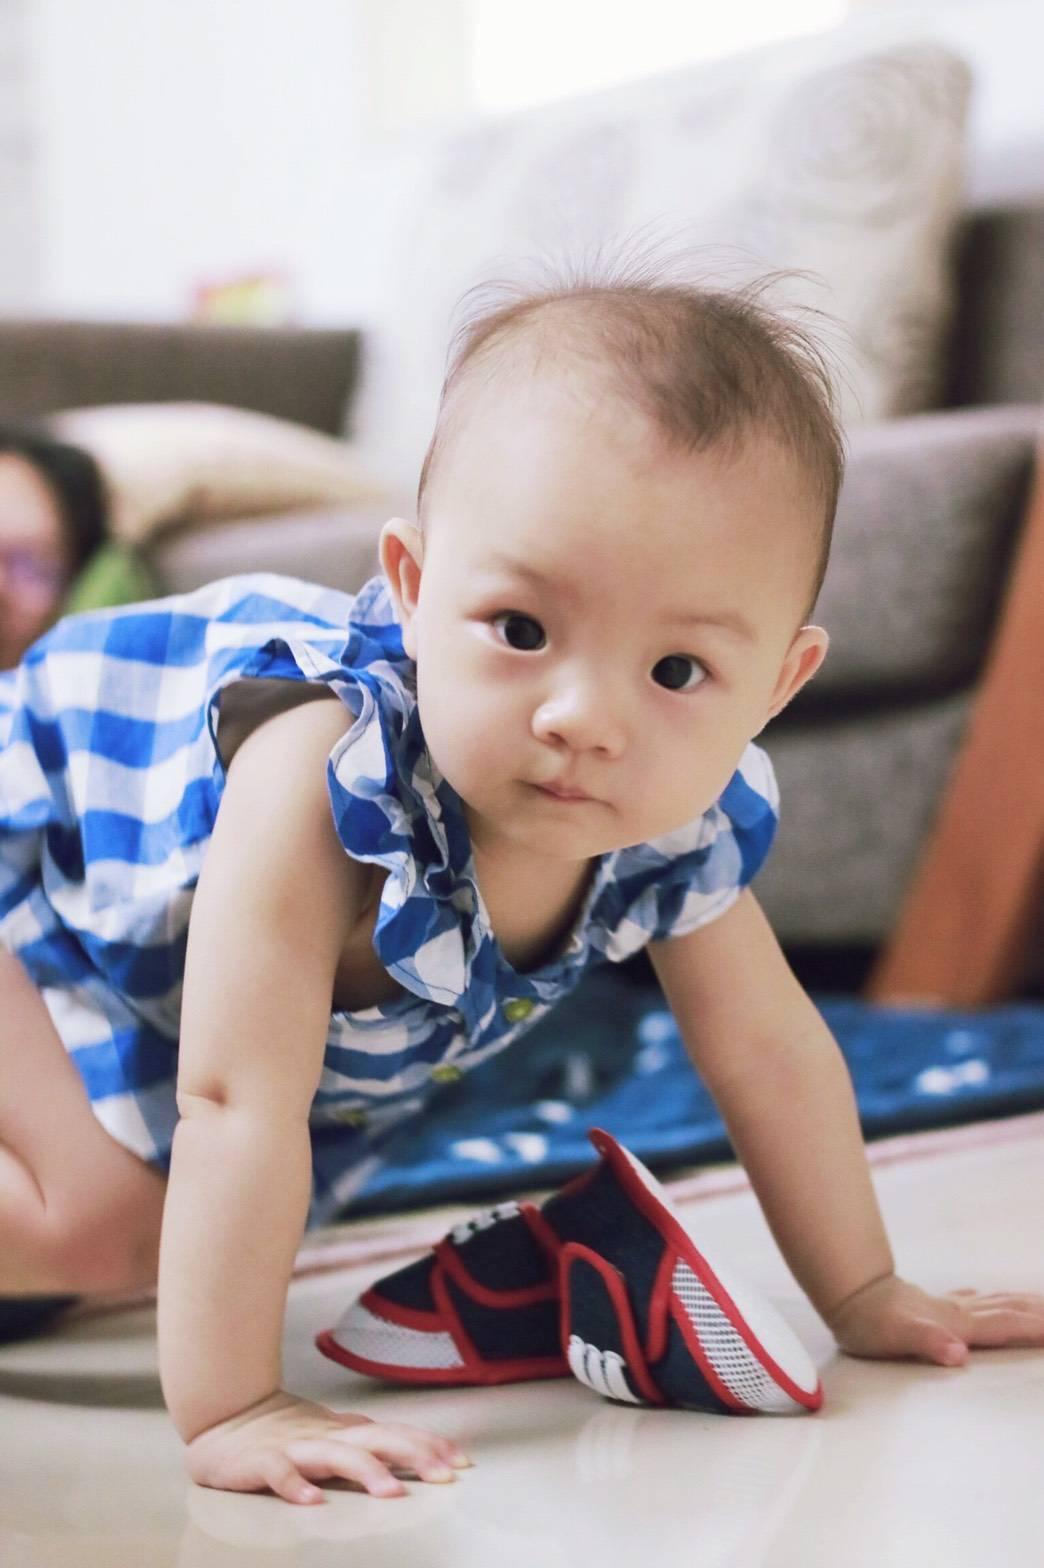 8樣物品,啟發寶寶玩耍樂趣!